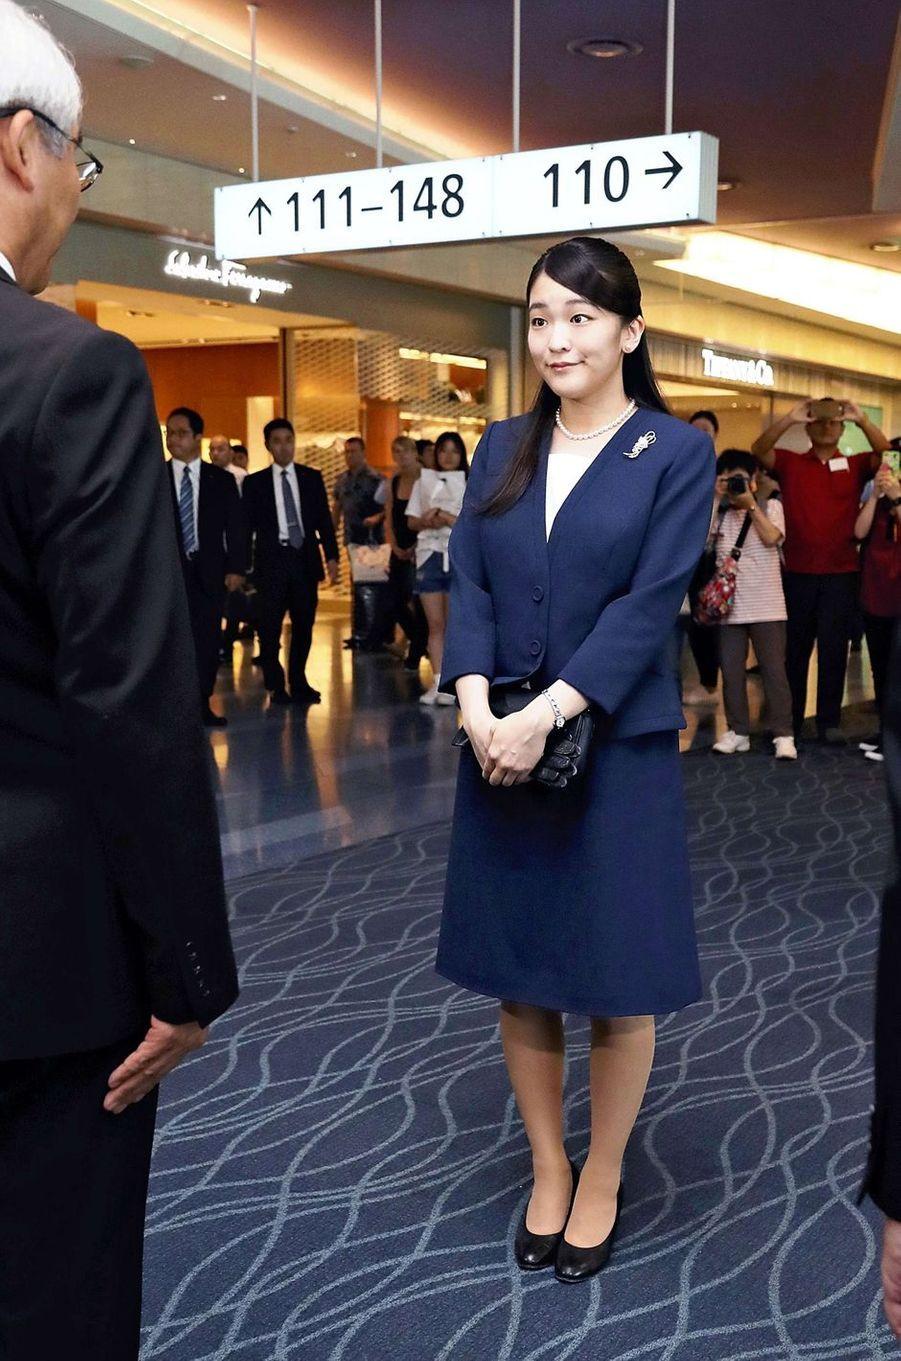 La princesse Mako du Japon part de Tokyo, le 17 juillet 2018